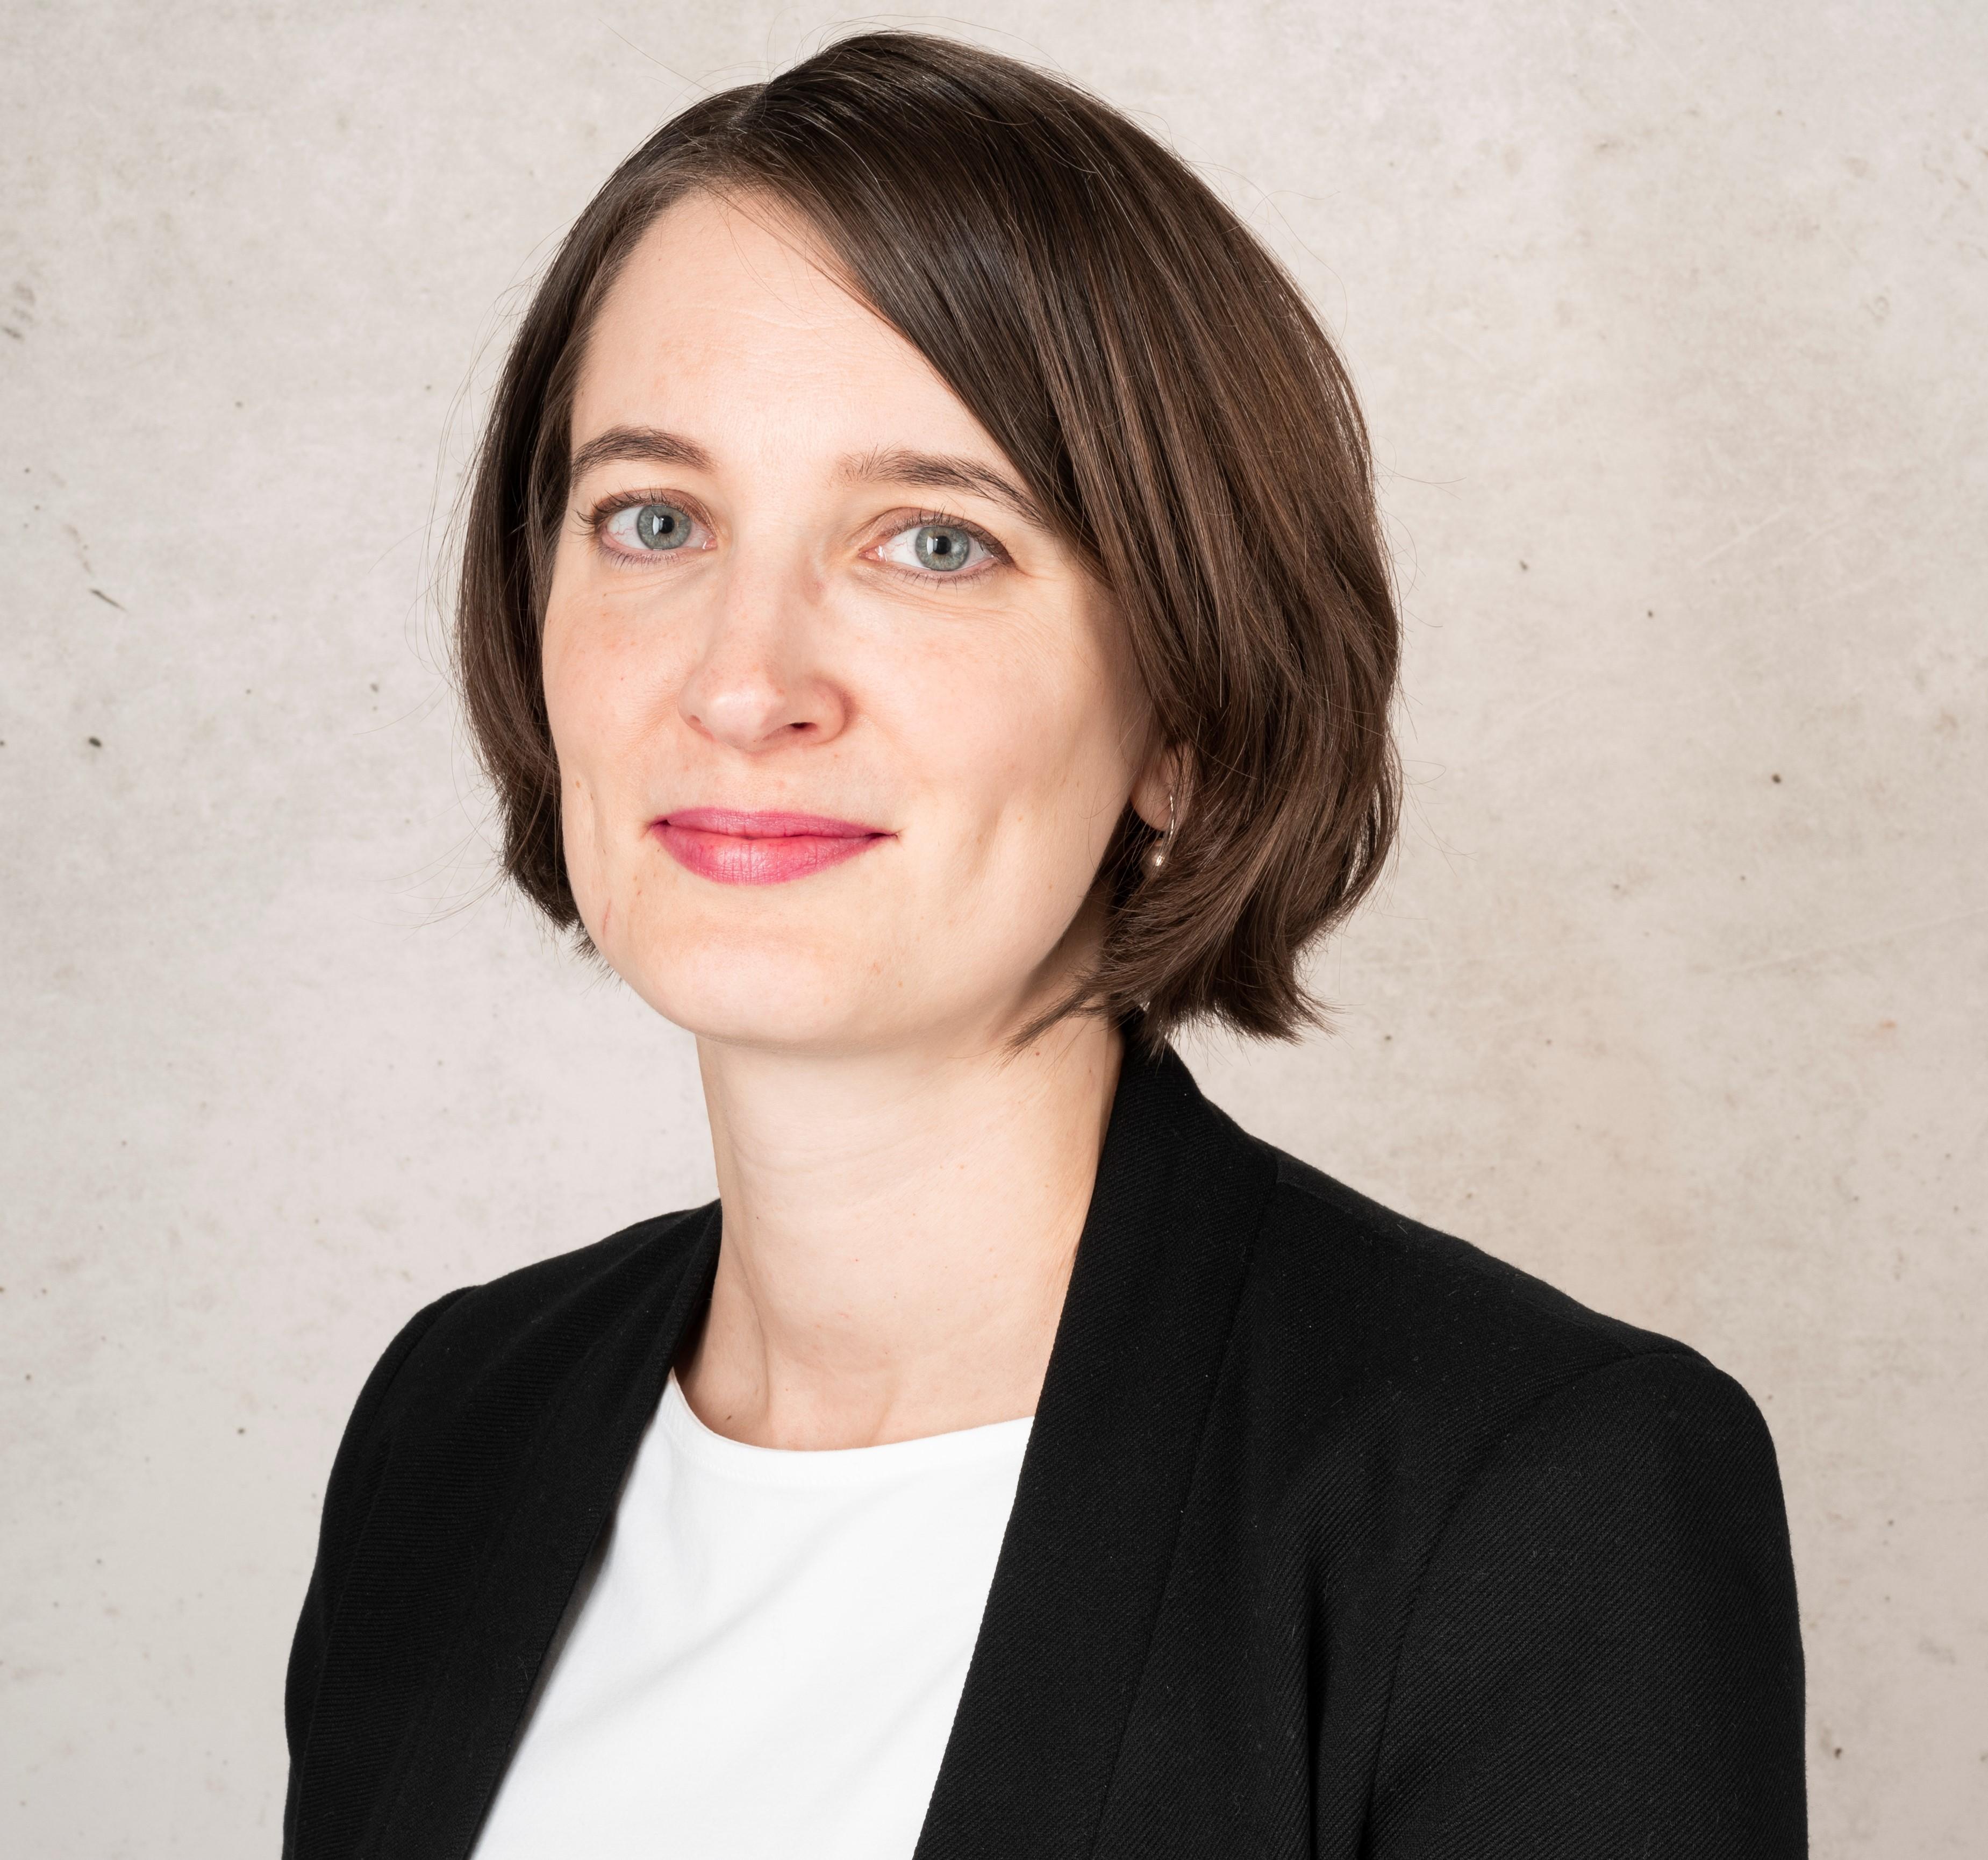 Studienautorin Dr. habil. Sylvie Graf, Institut für Psychologie, Sozialpsychologie und Soziale Neurowissenschaft, Universität Bern. Bild: zvg